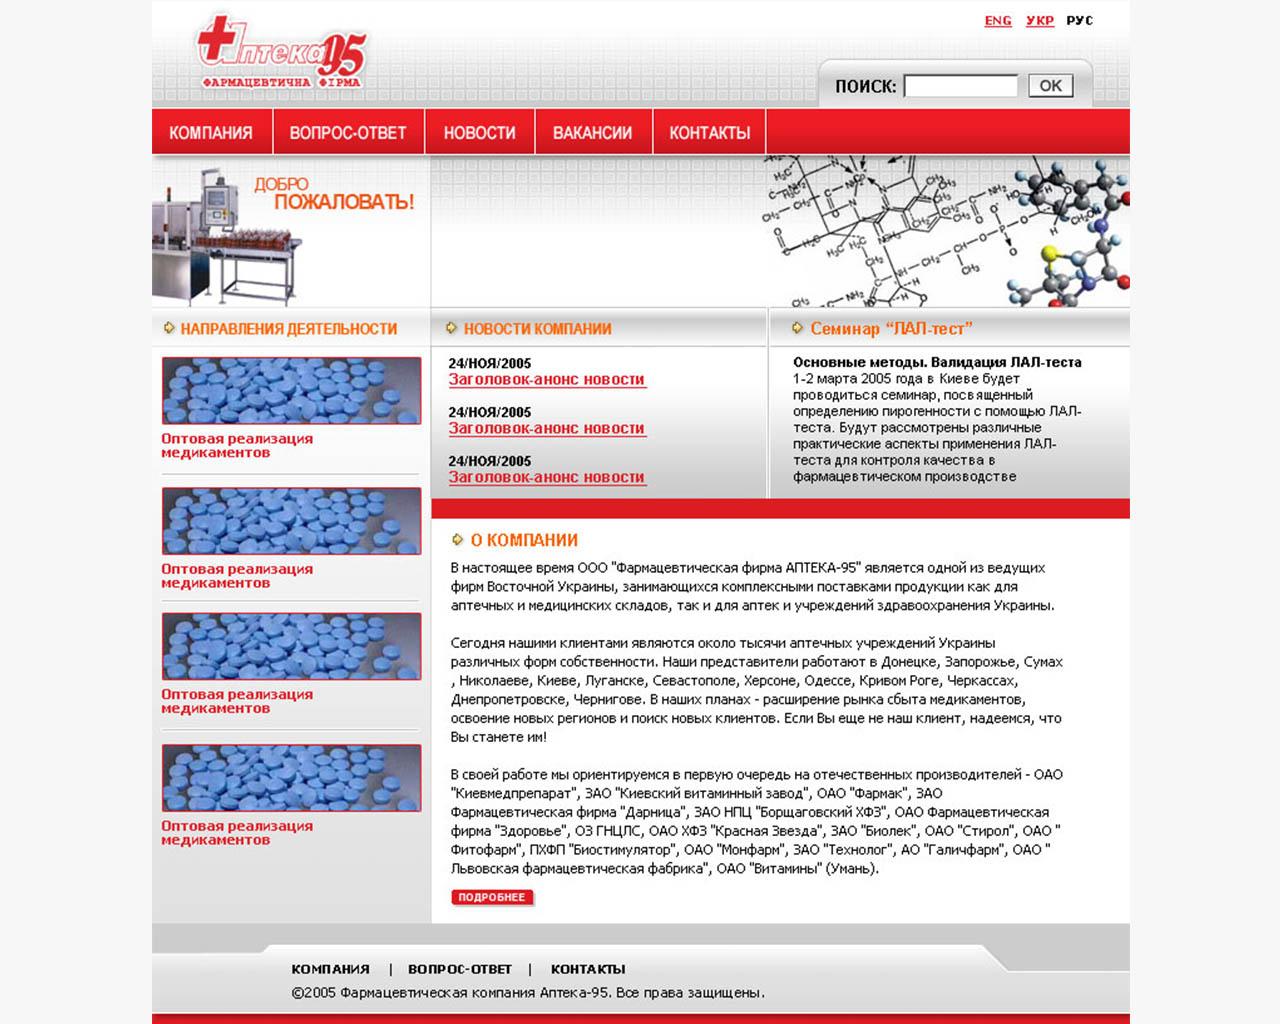 Официальный сайт ООО «Фармацевтическая фирма Аптека-95»